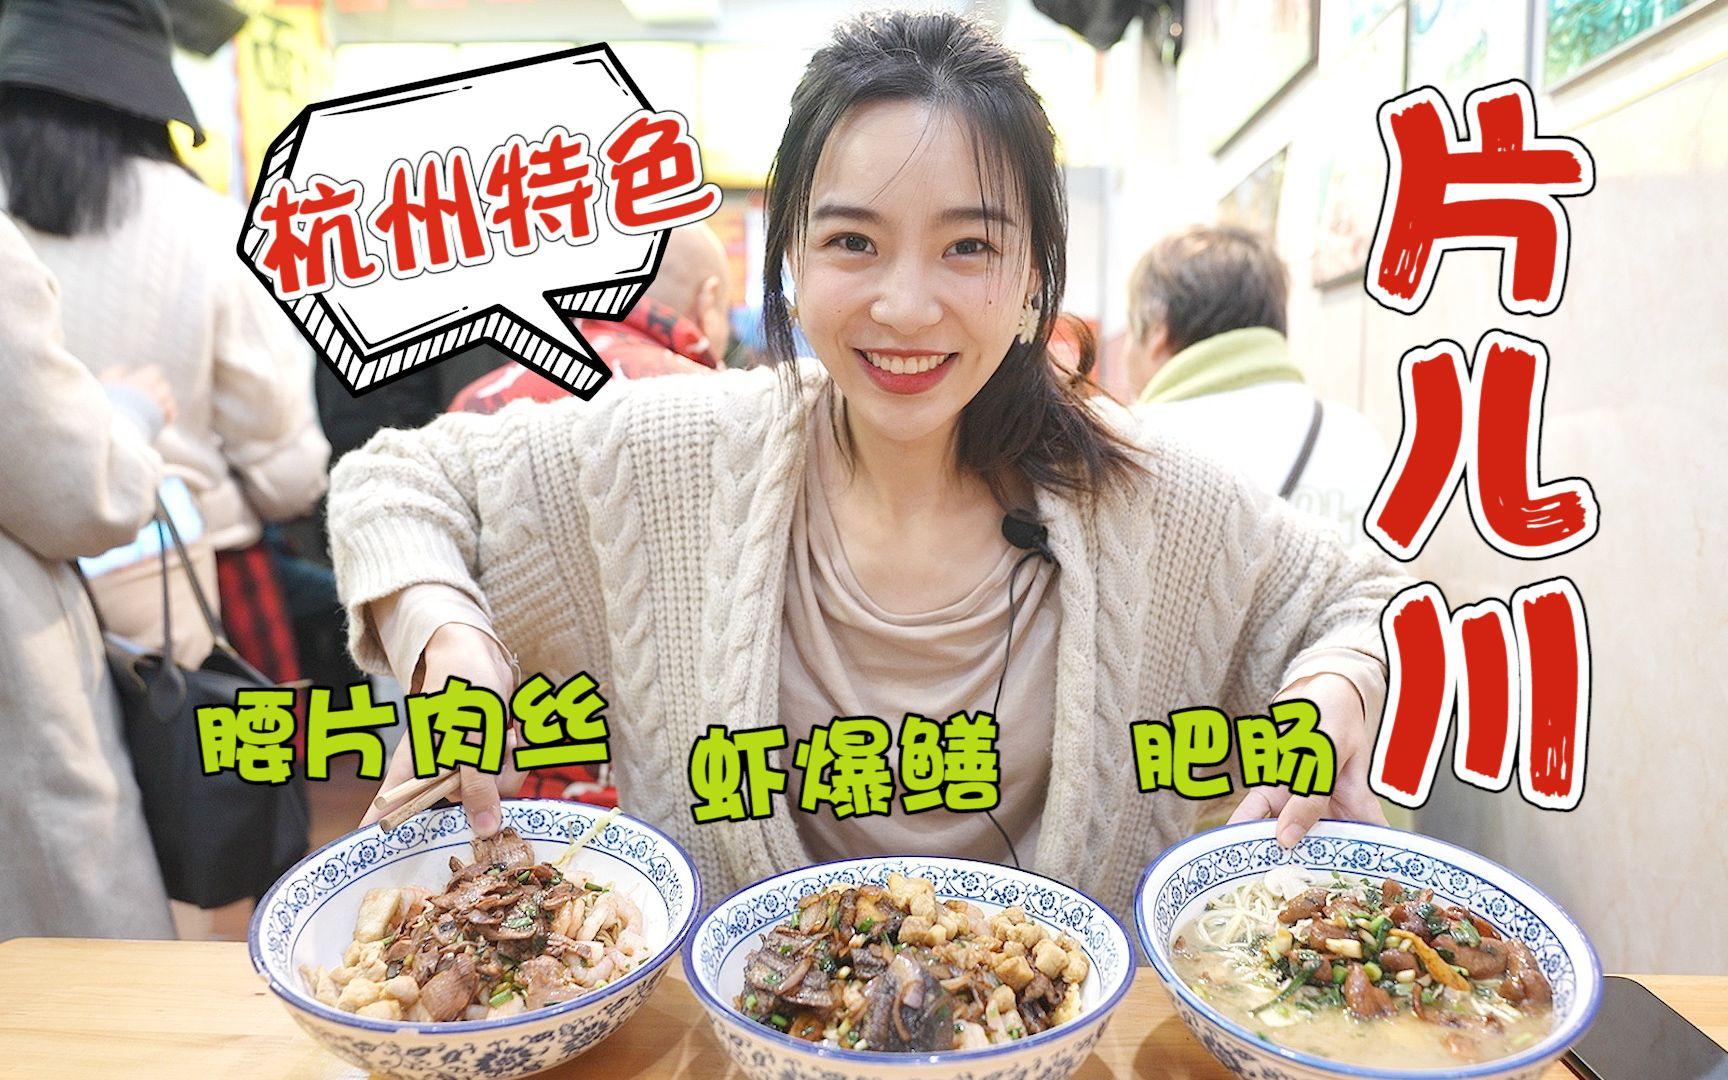 杭州最火爆片儿川? 68元一碗虾爆鳝面, 面和猪油渣免费加太给力!